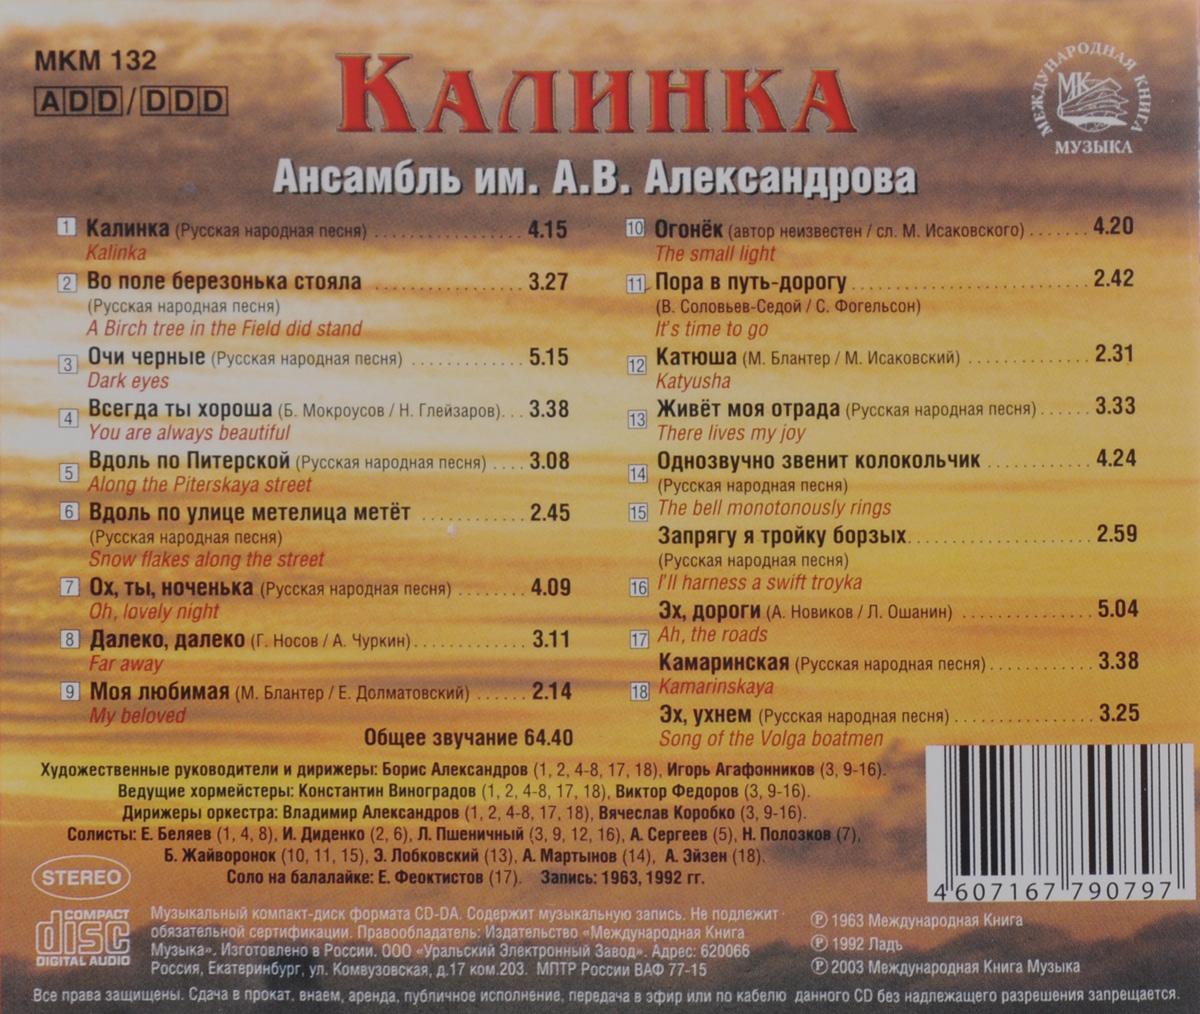 Ансамбль им.  А.  В.  Александрова.  Калинка Международная Книга Музыка